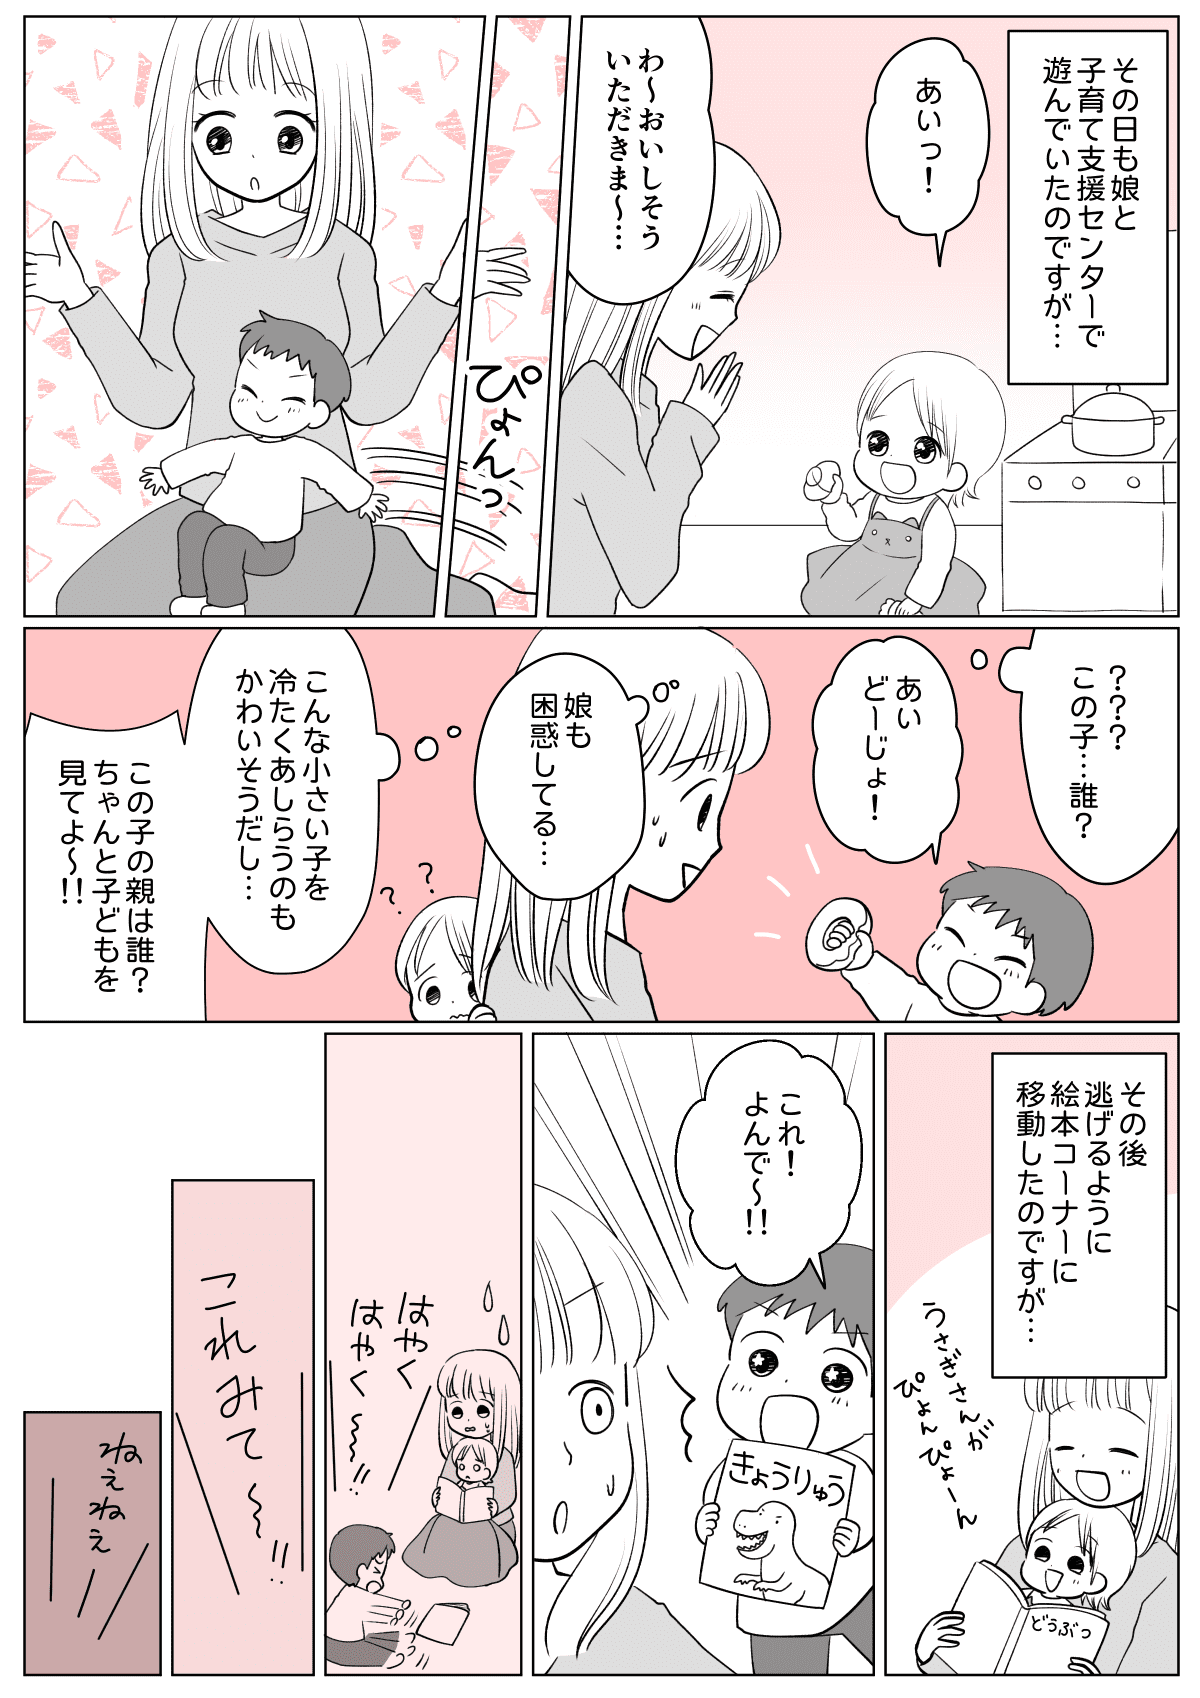 【前編】放置子なの!?無遠慮なママにイラッ!